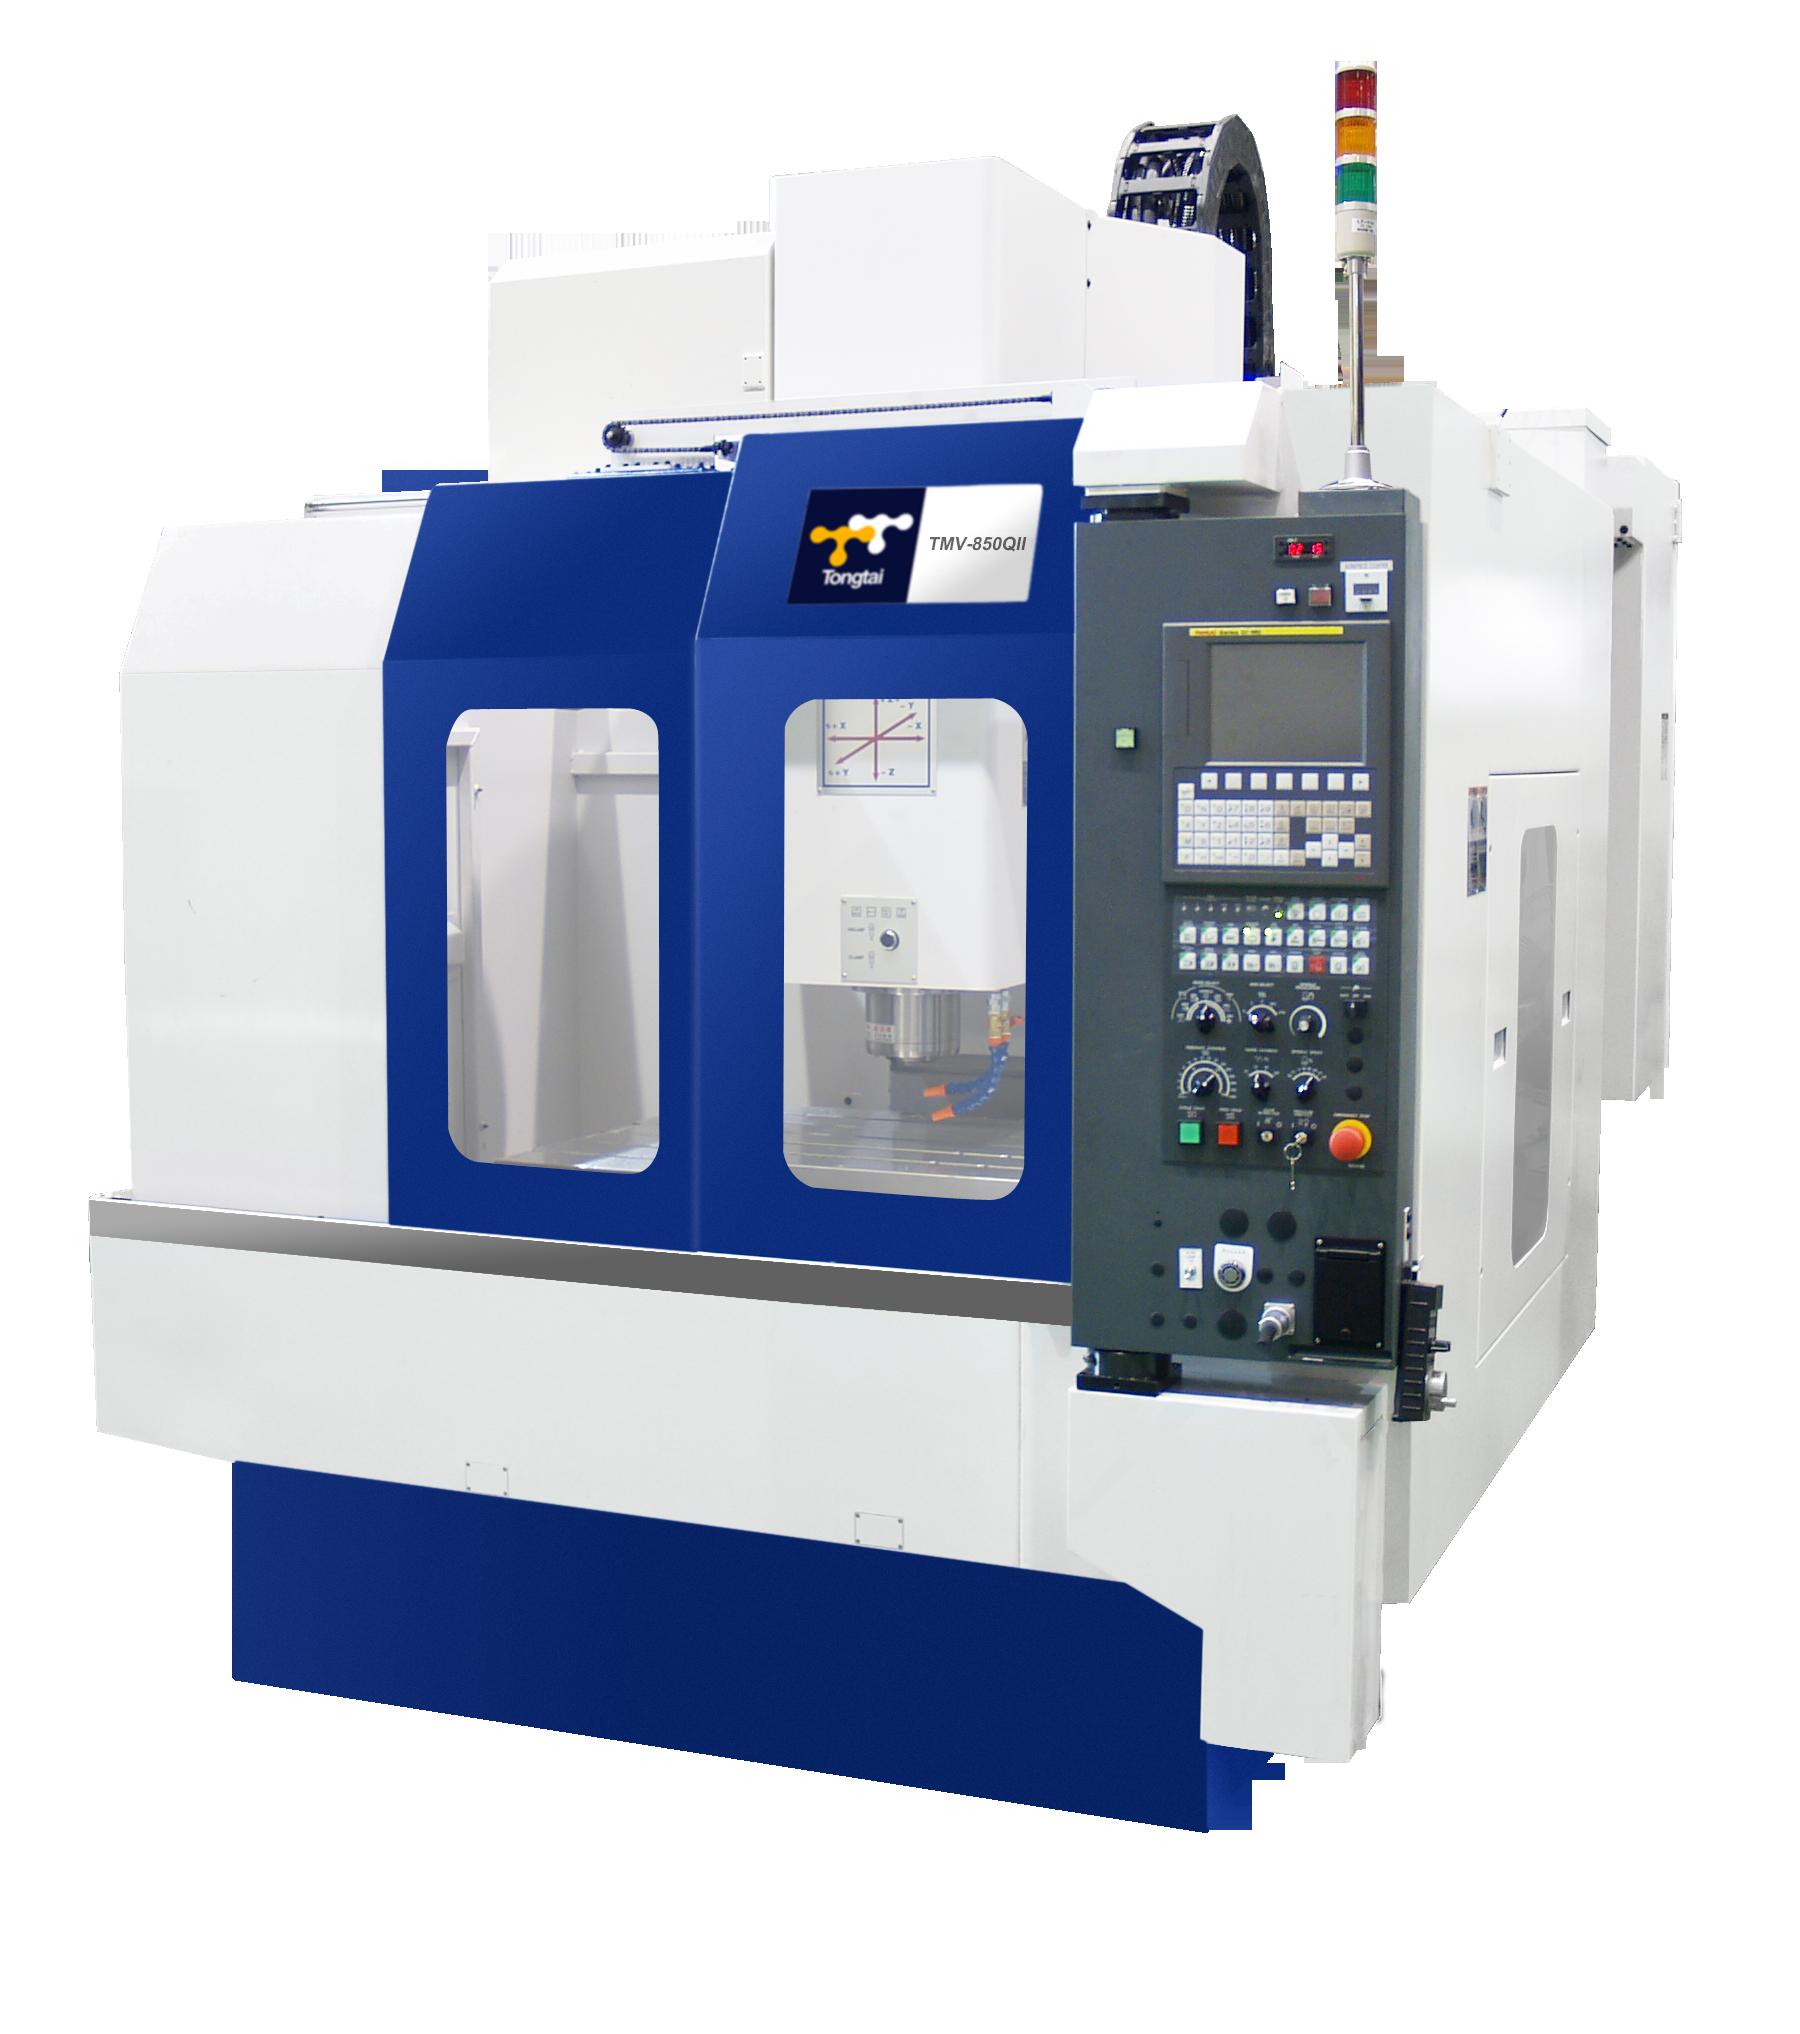 立式加工机 TMV-850QII